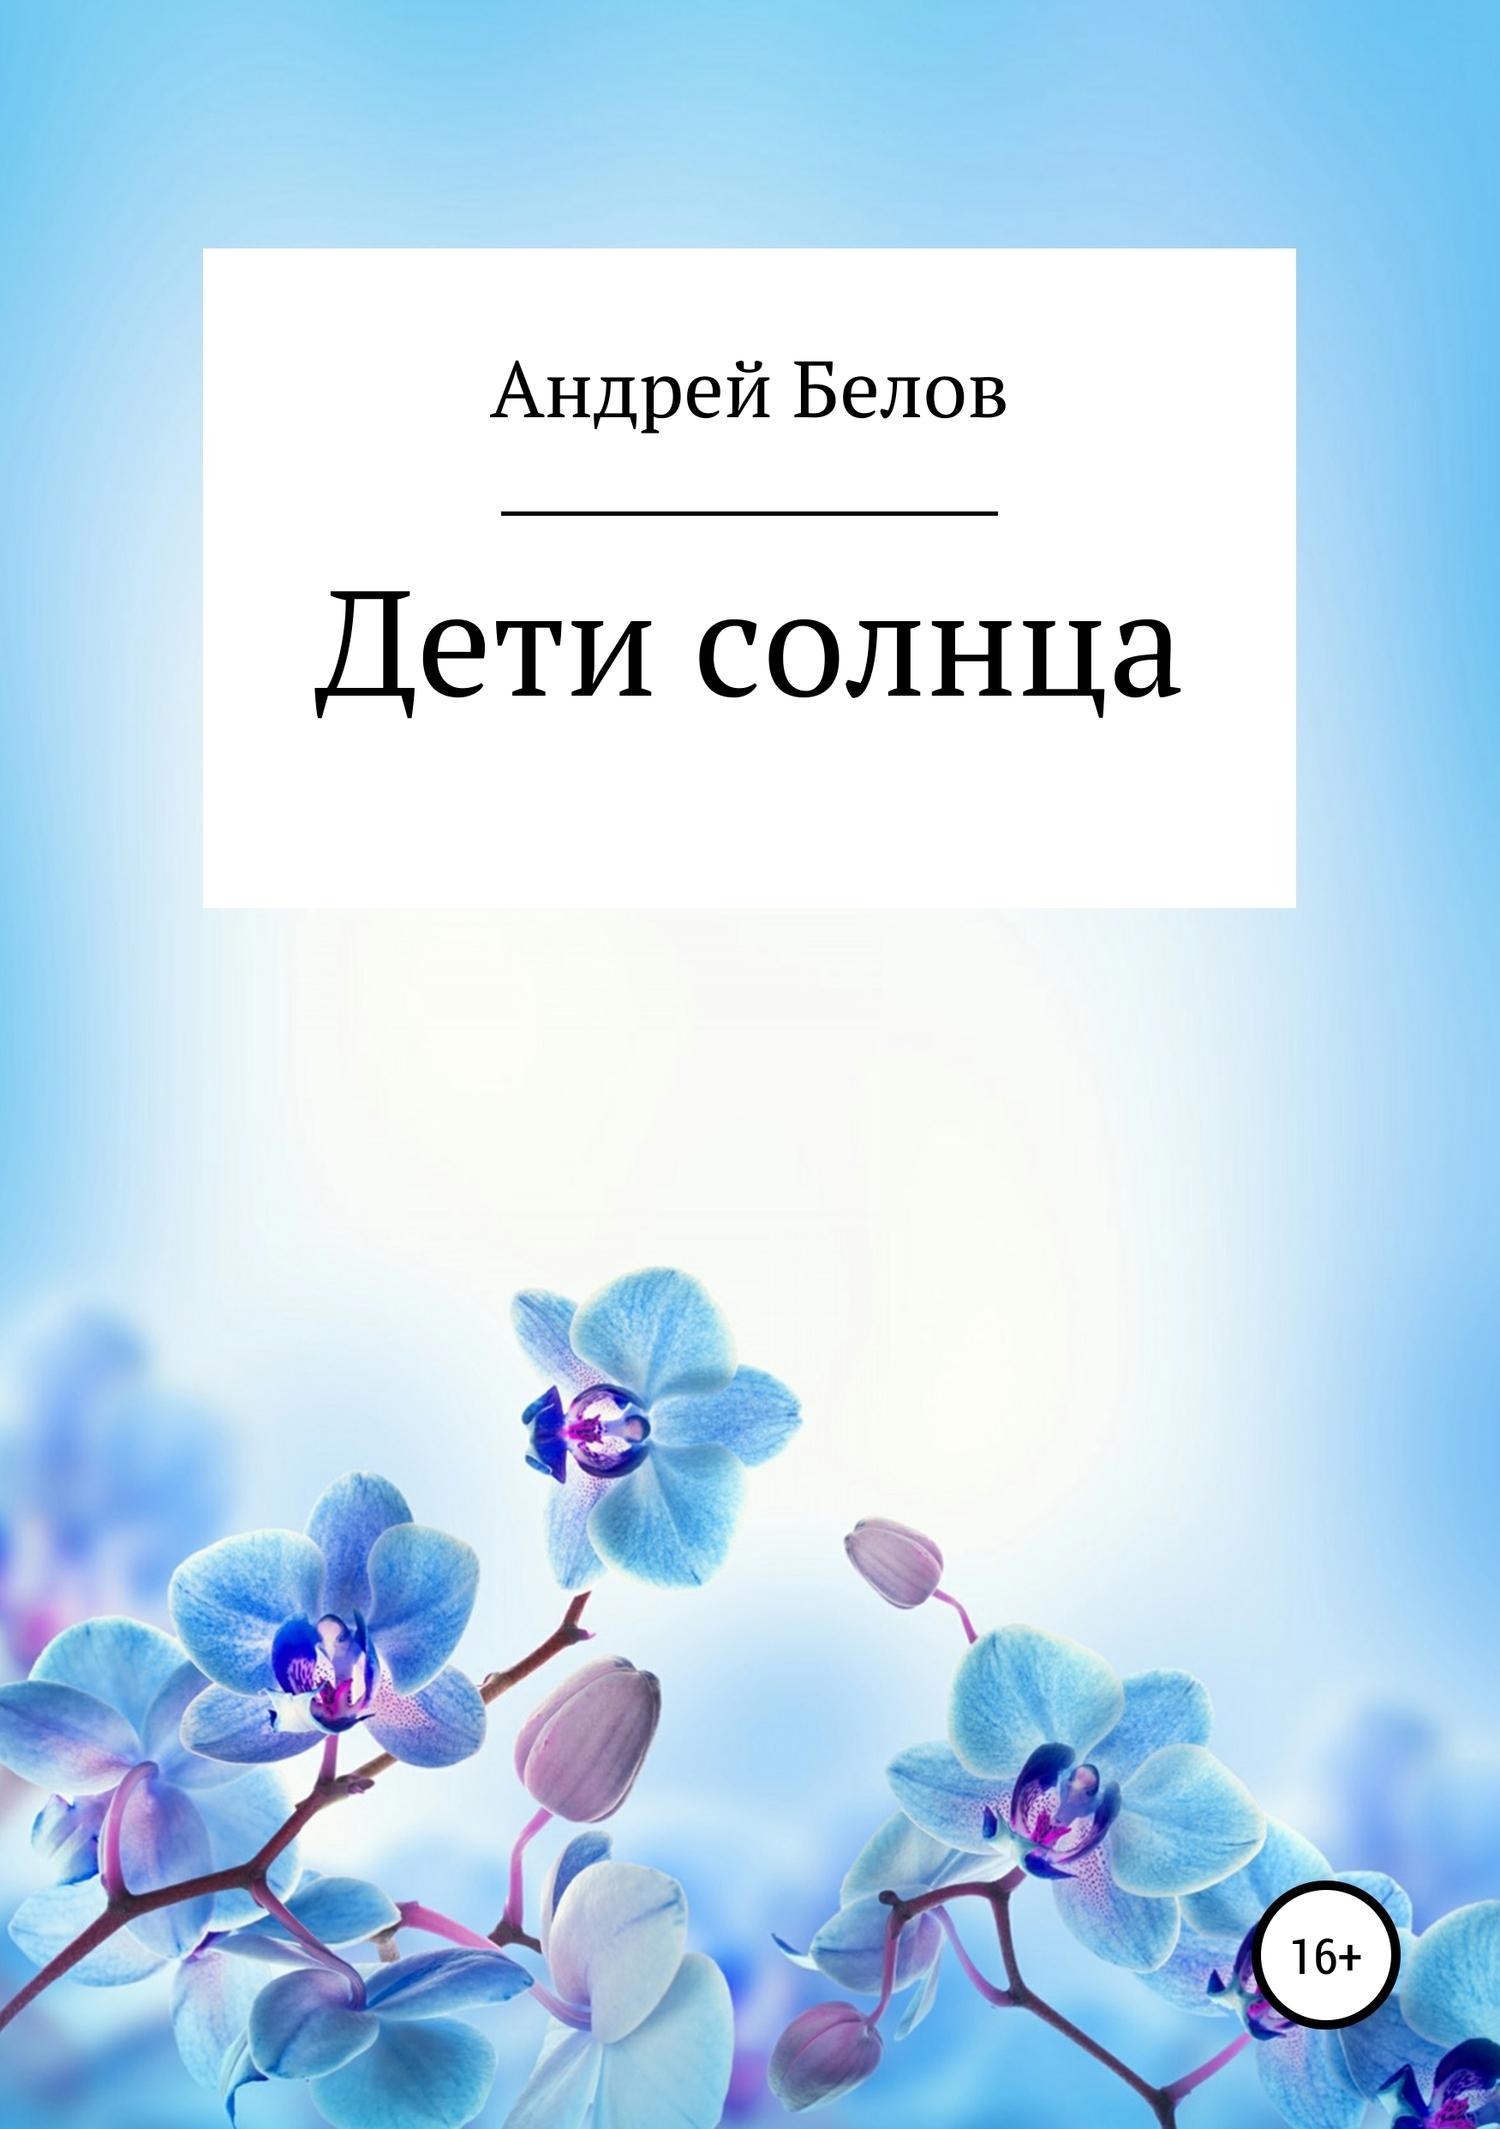 Андрей Белов - Дети солнца